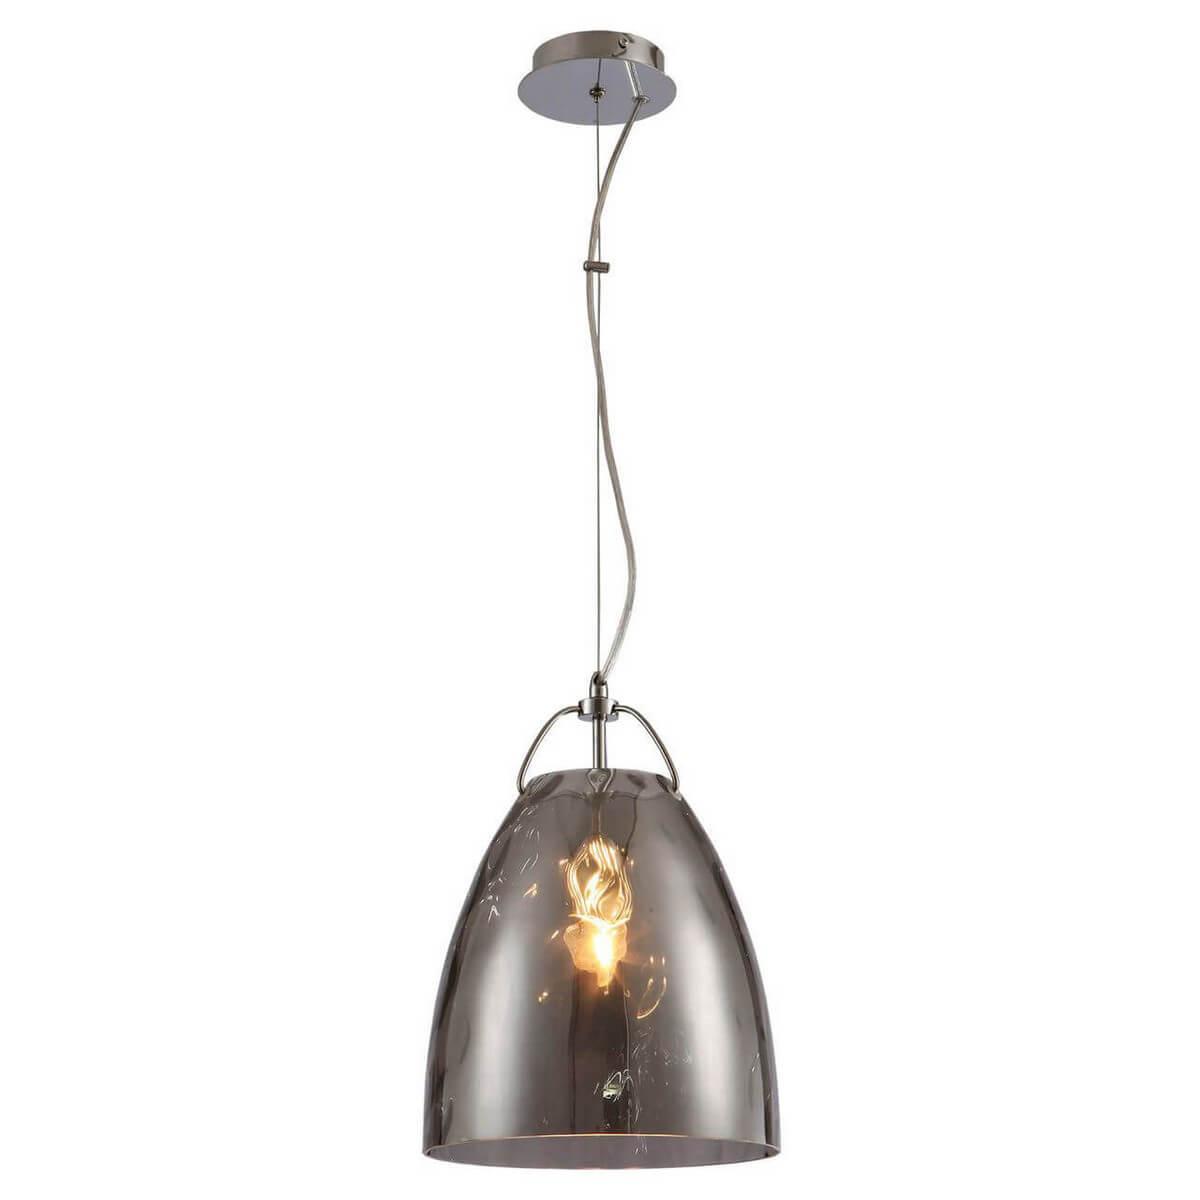 Подвесной светильник Lussole GRLSP-9634, E27, 11 Вт подвесной светильник lussole loft grlsp 9654